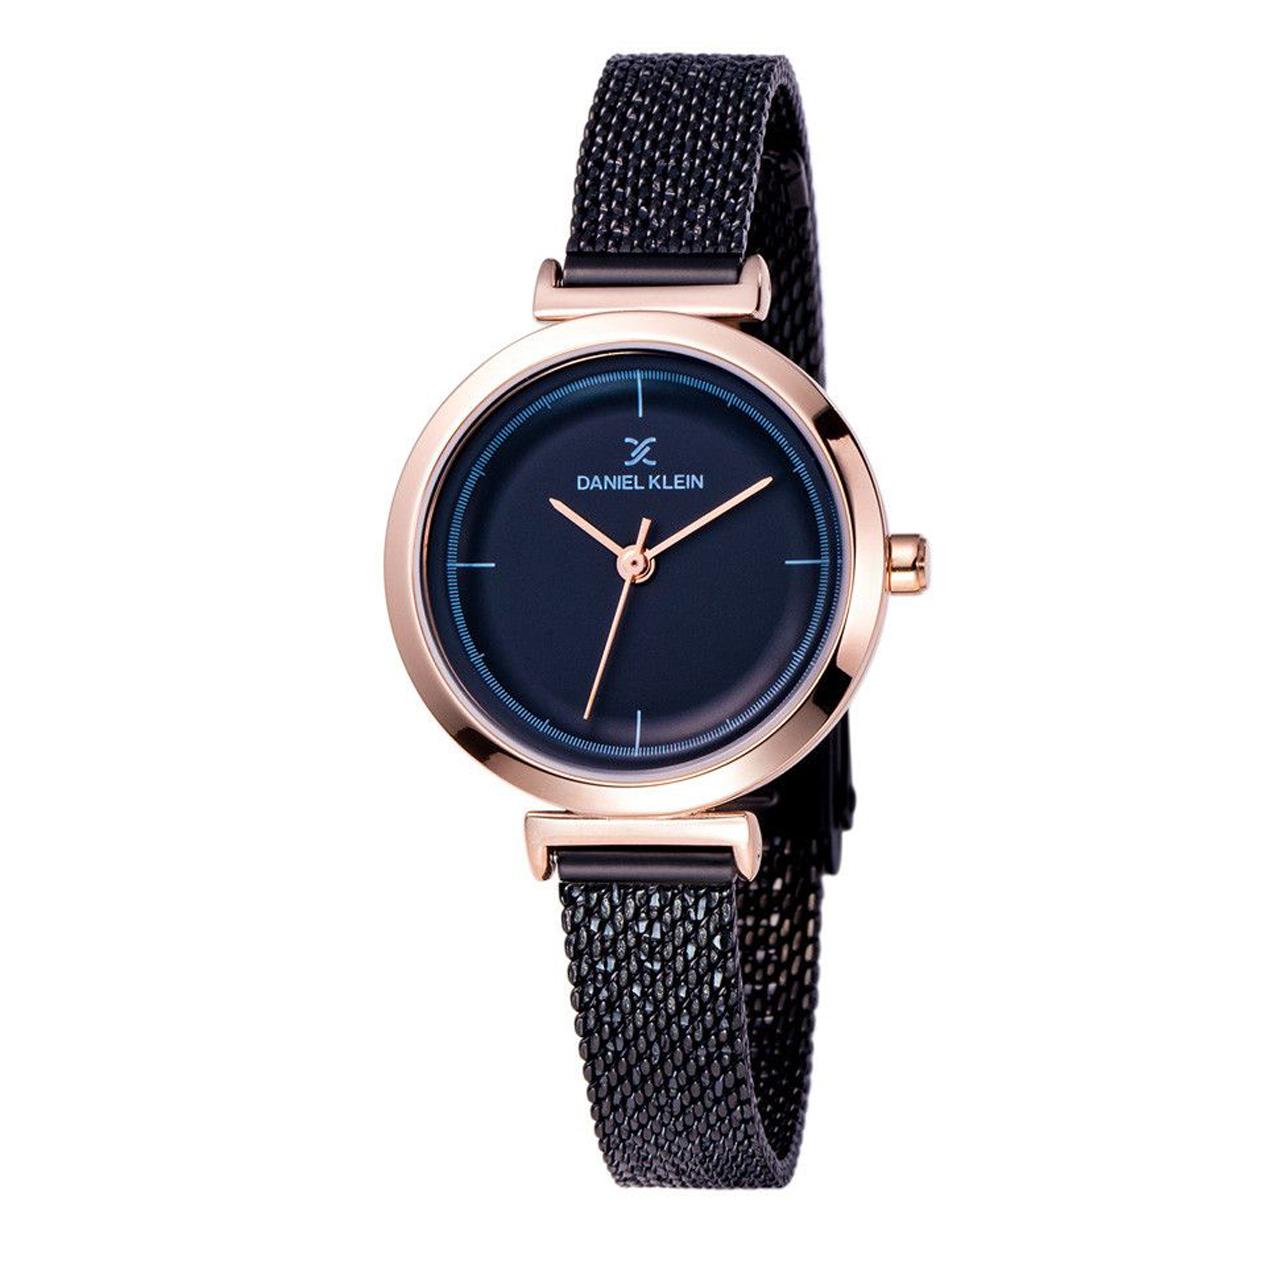 ساعت مچی عقربه ای زنانه دنیل کلین مدل dk11899-5 به همراه دستمال مخصوص برند کلین واچ 4